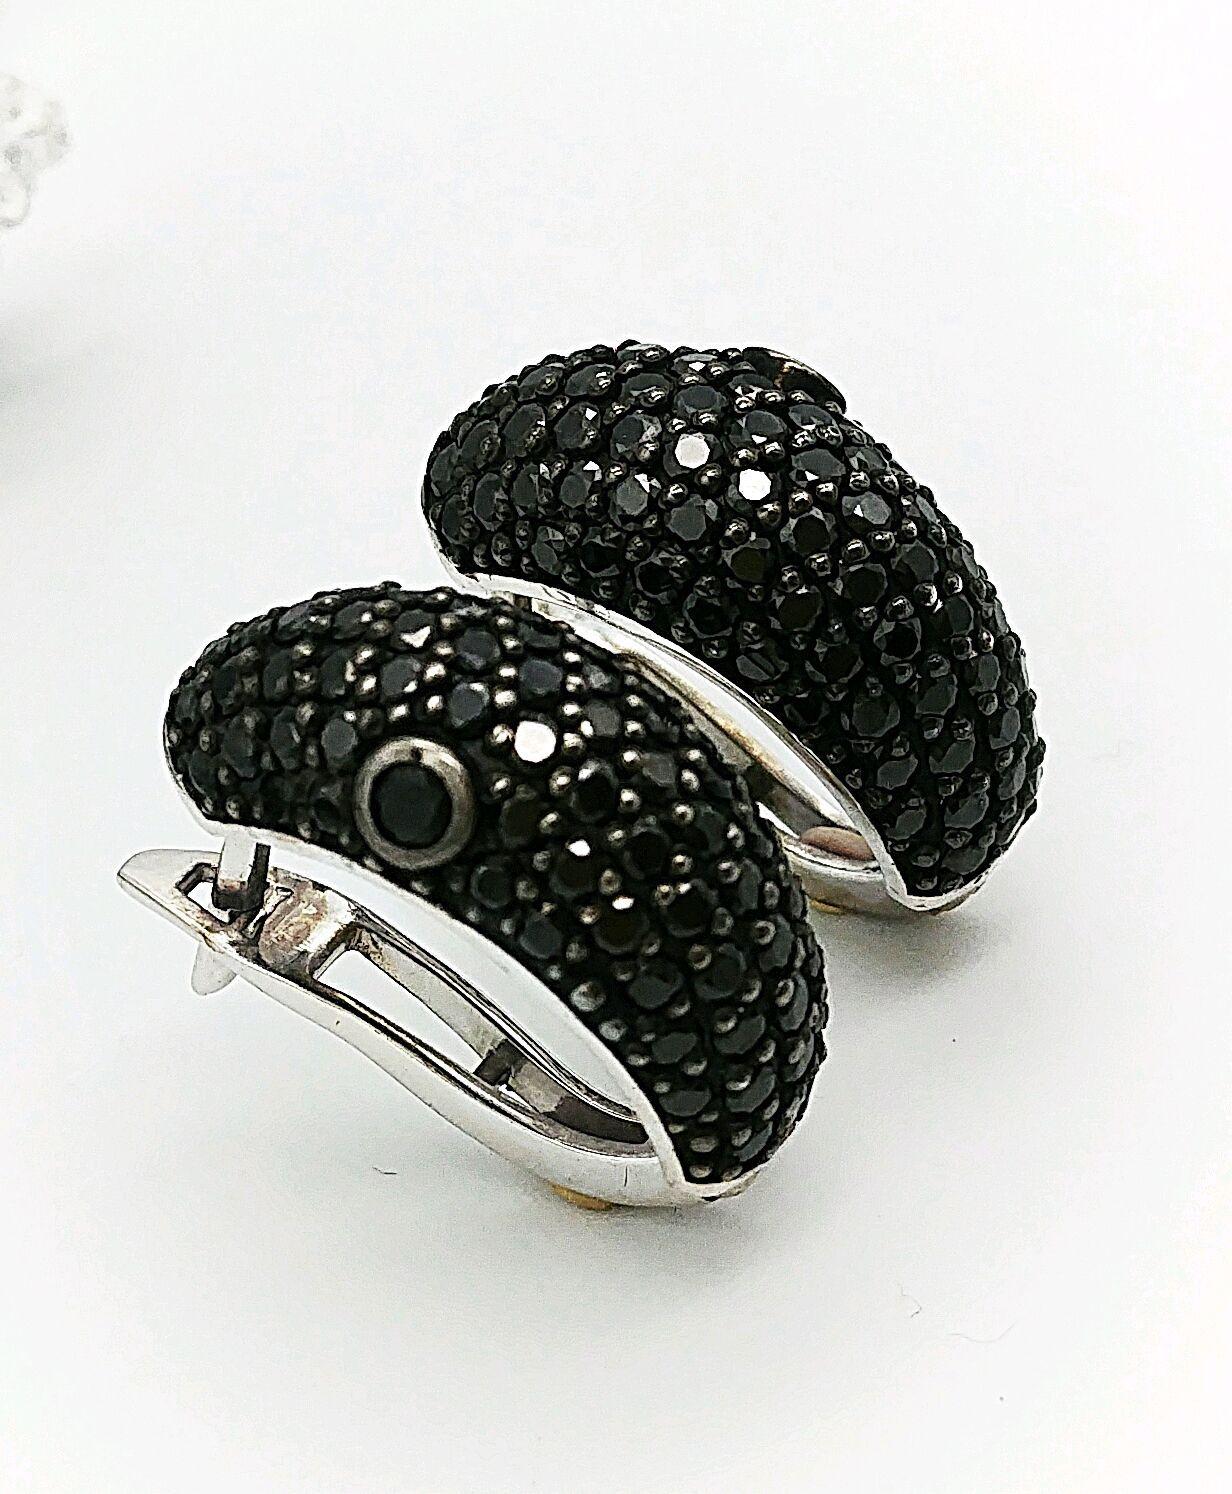 160881800a34 Серьги Black серебро 925 фианиты - купить или заказать в интернет ...